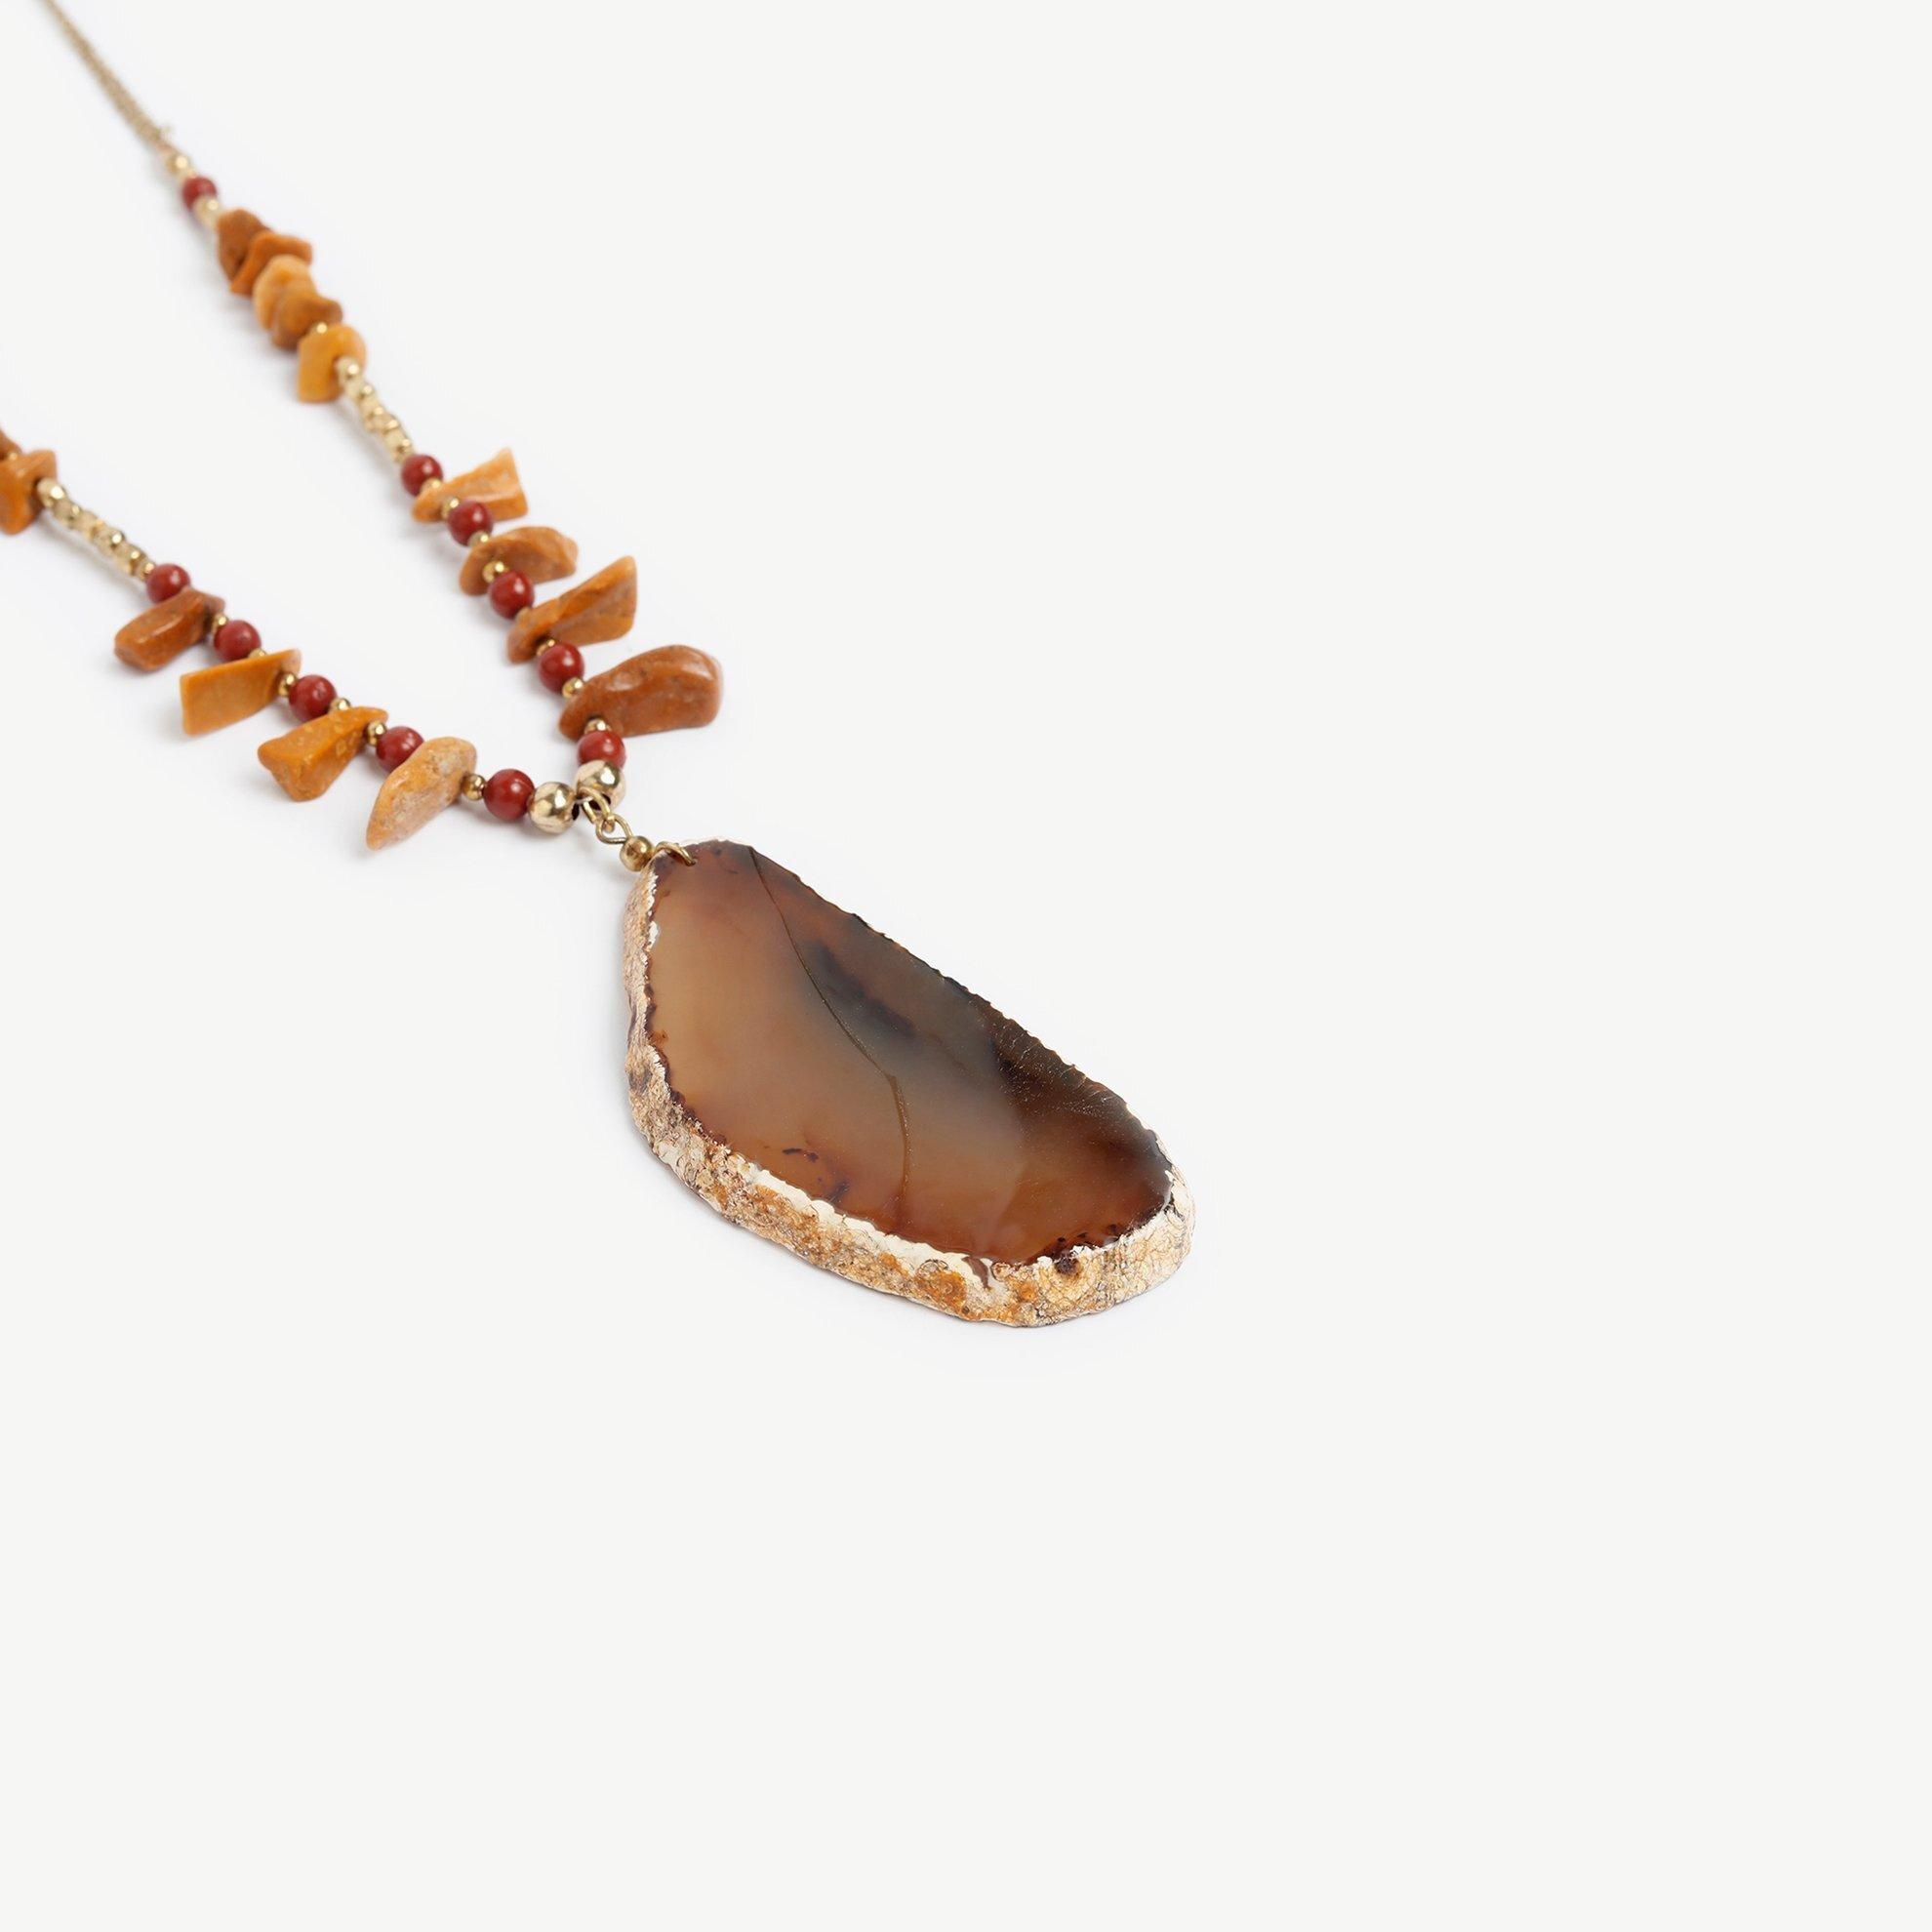 Halskette lang aus Naturstein